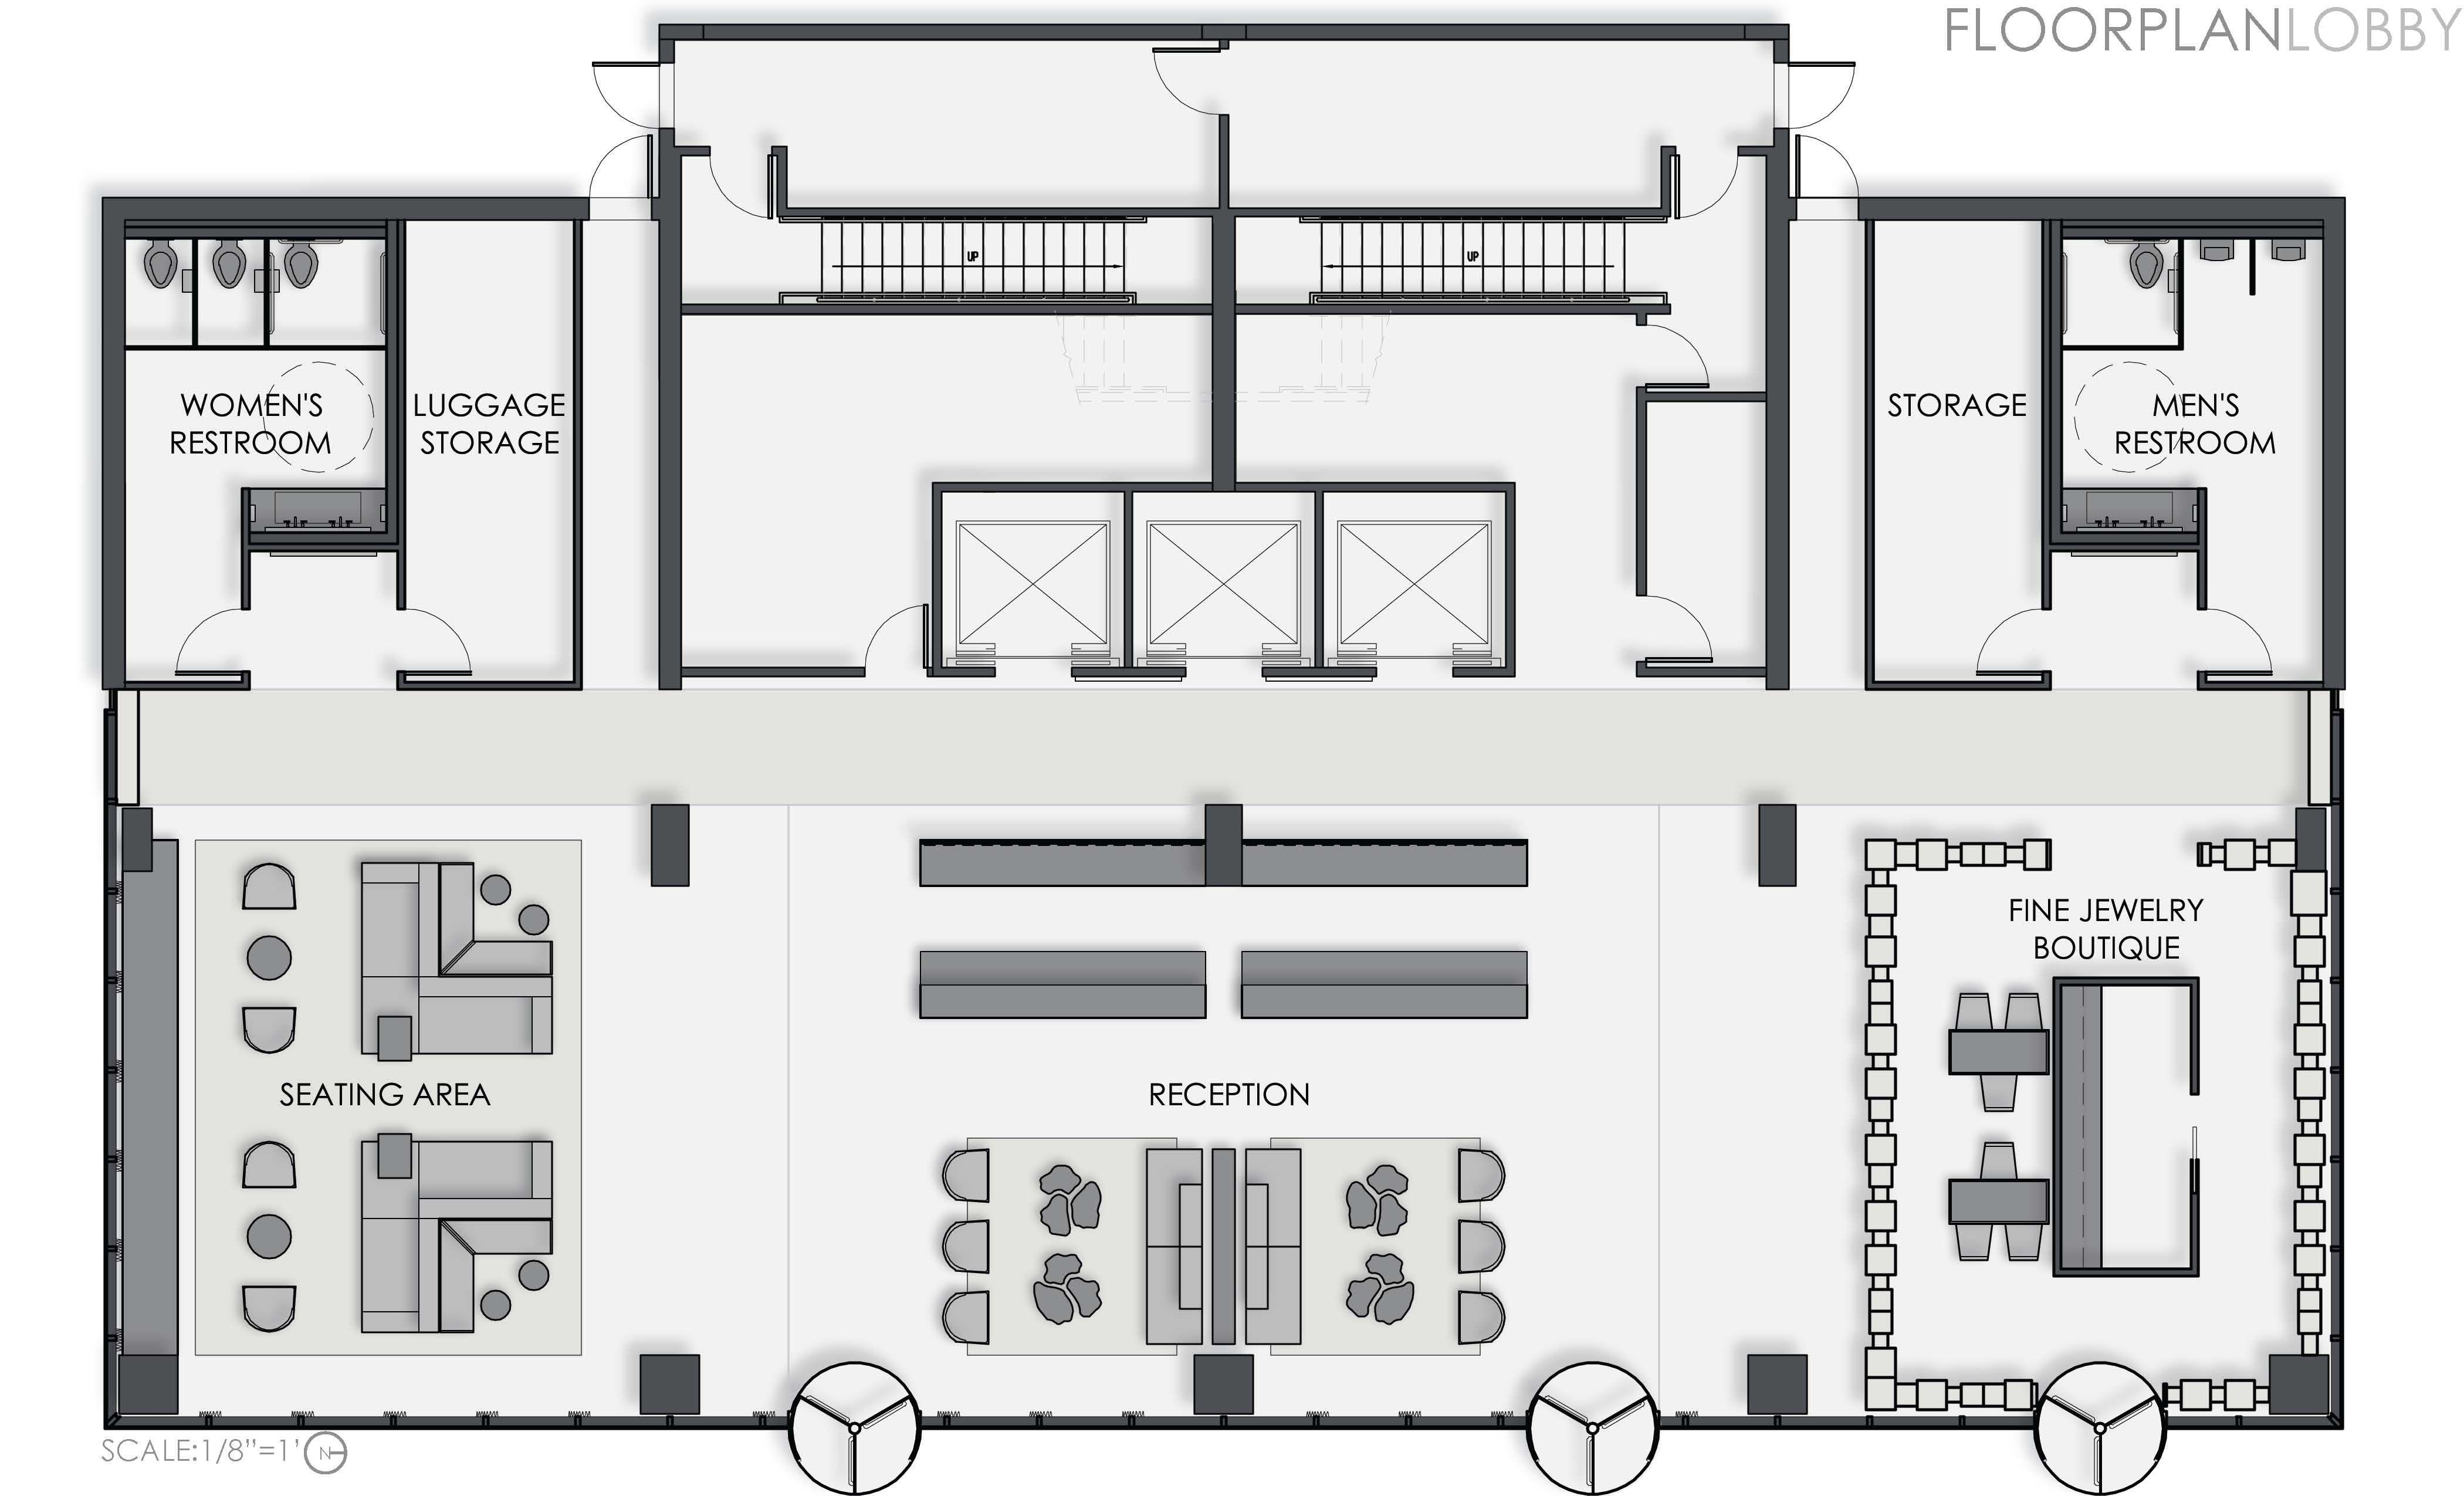 Ensuite badezimmerdesignpläne boutique hotel lobby floor plan  google search  hotel plan